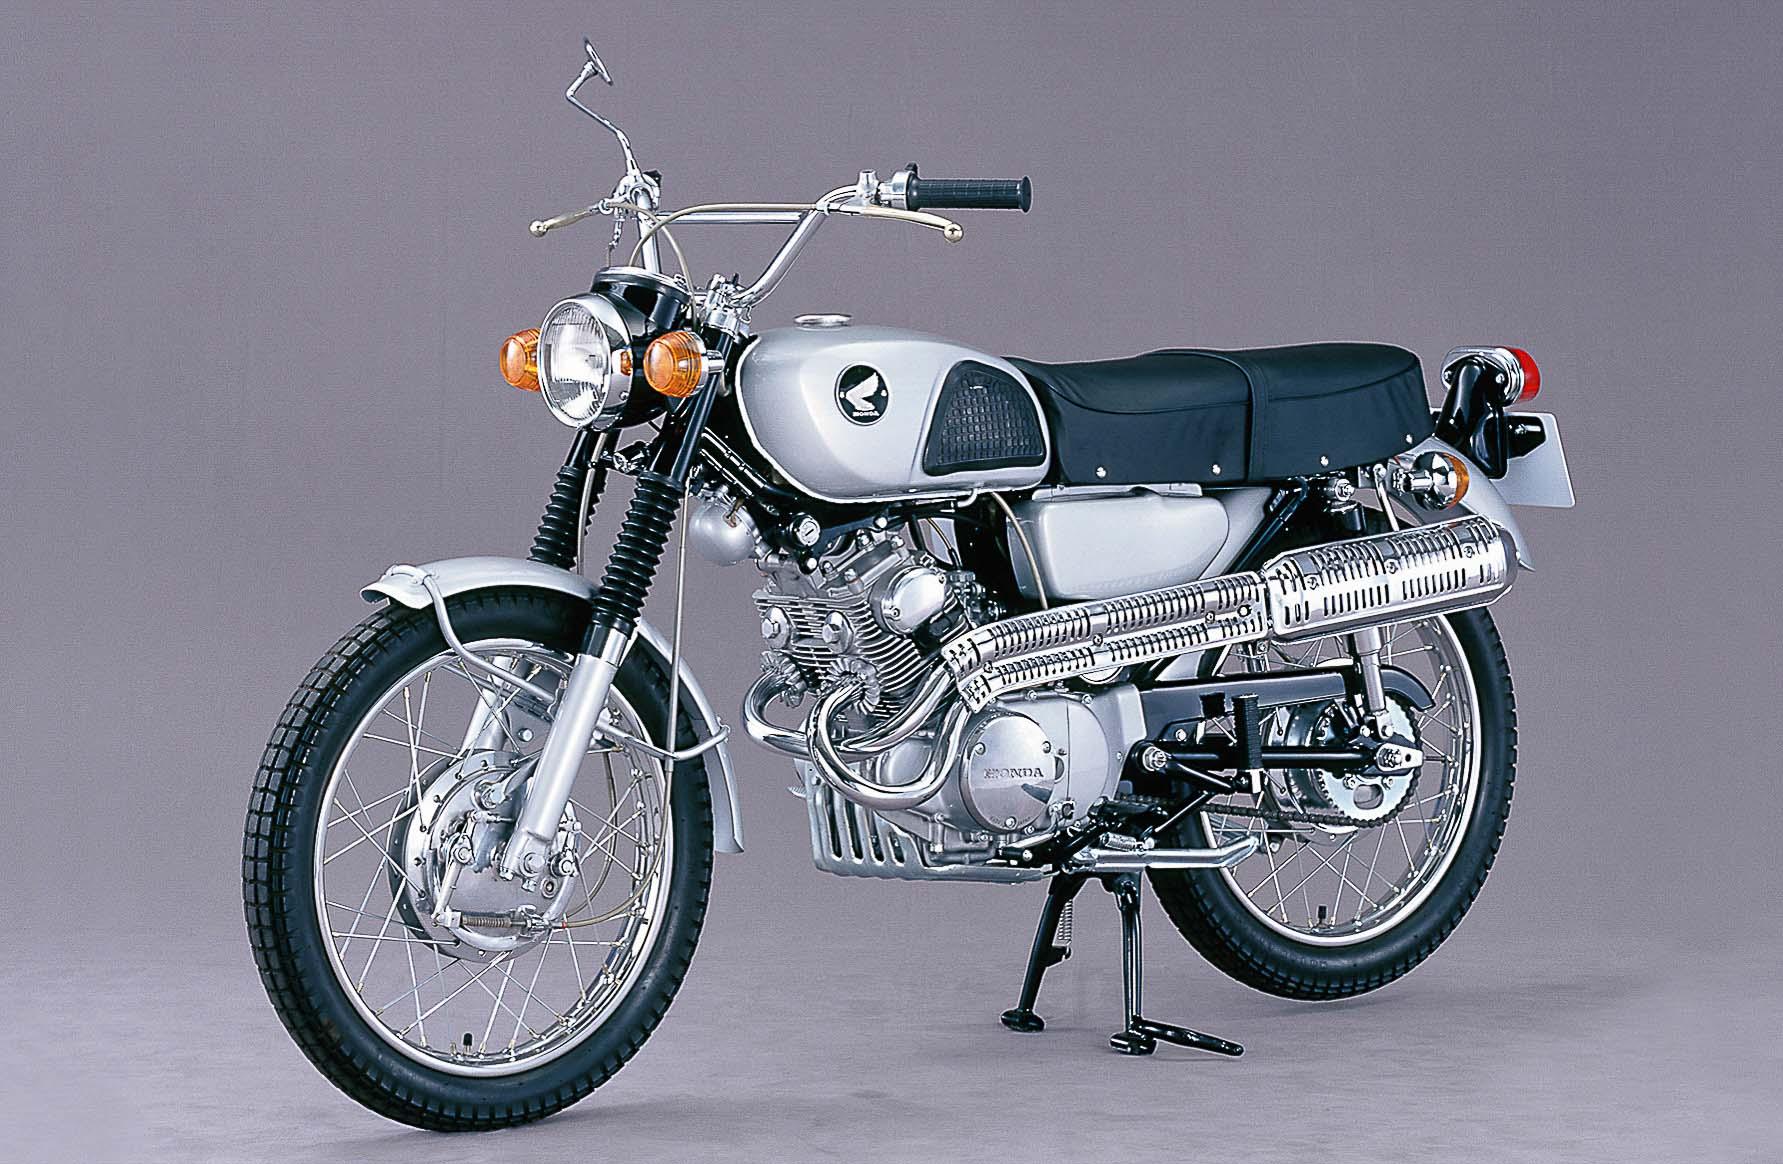 HONDA CL 125K (1967-1969)